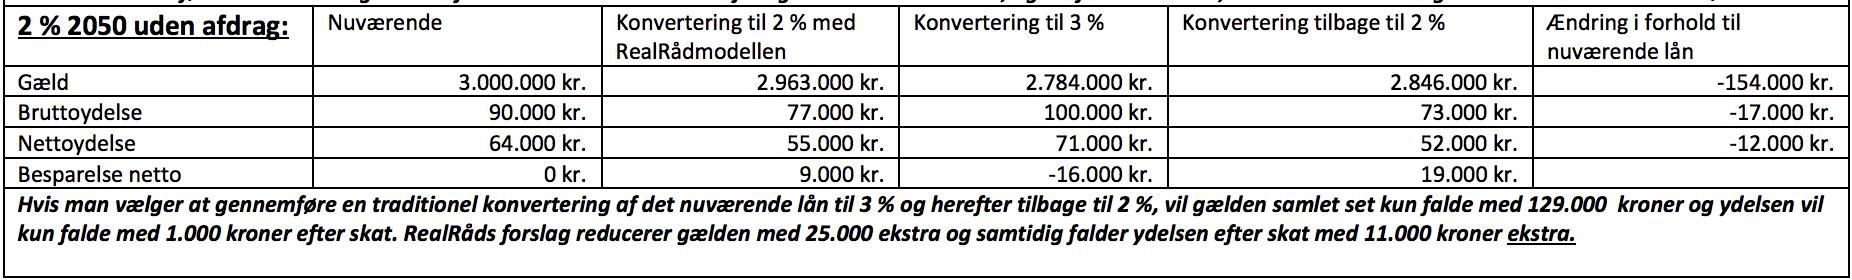 2 % 2050 uden afdrag: